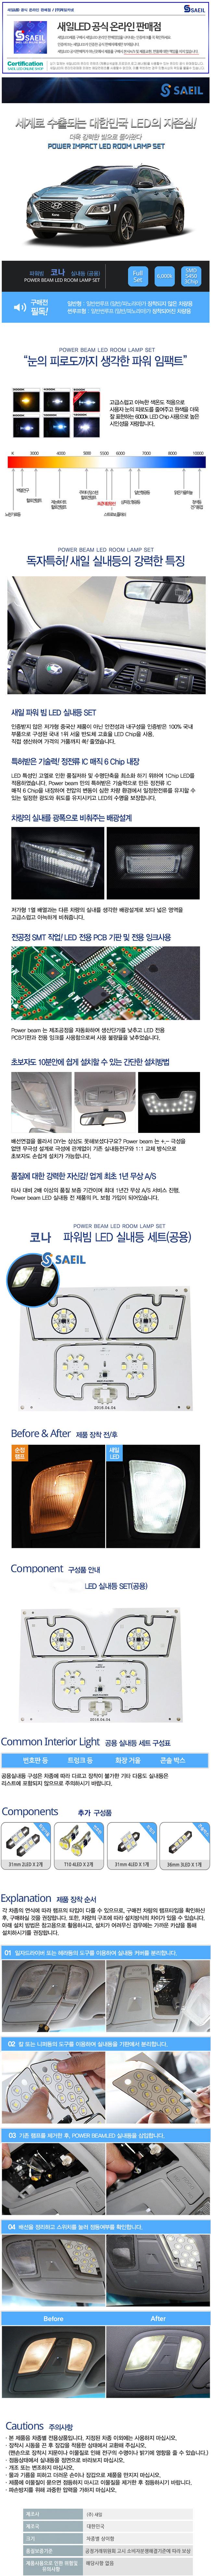 [파워임팩트] 새일 LED실내등 고급형 풀세트 _ 코나